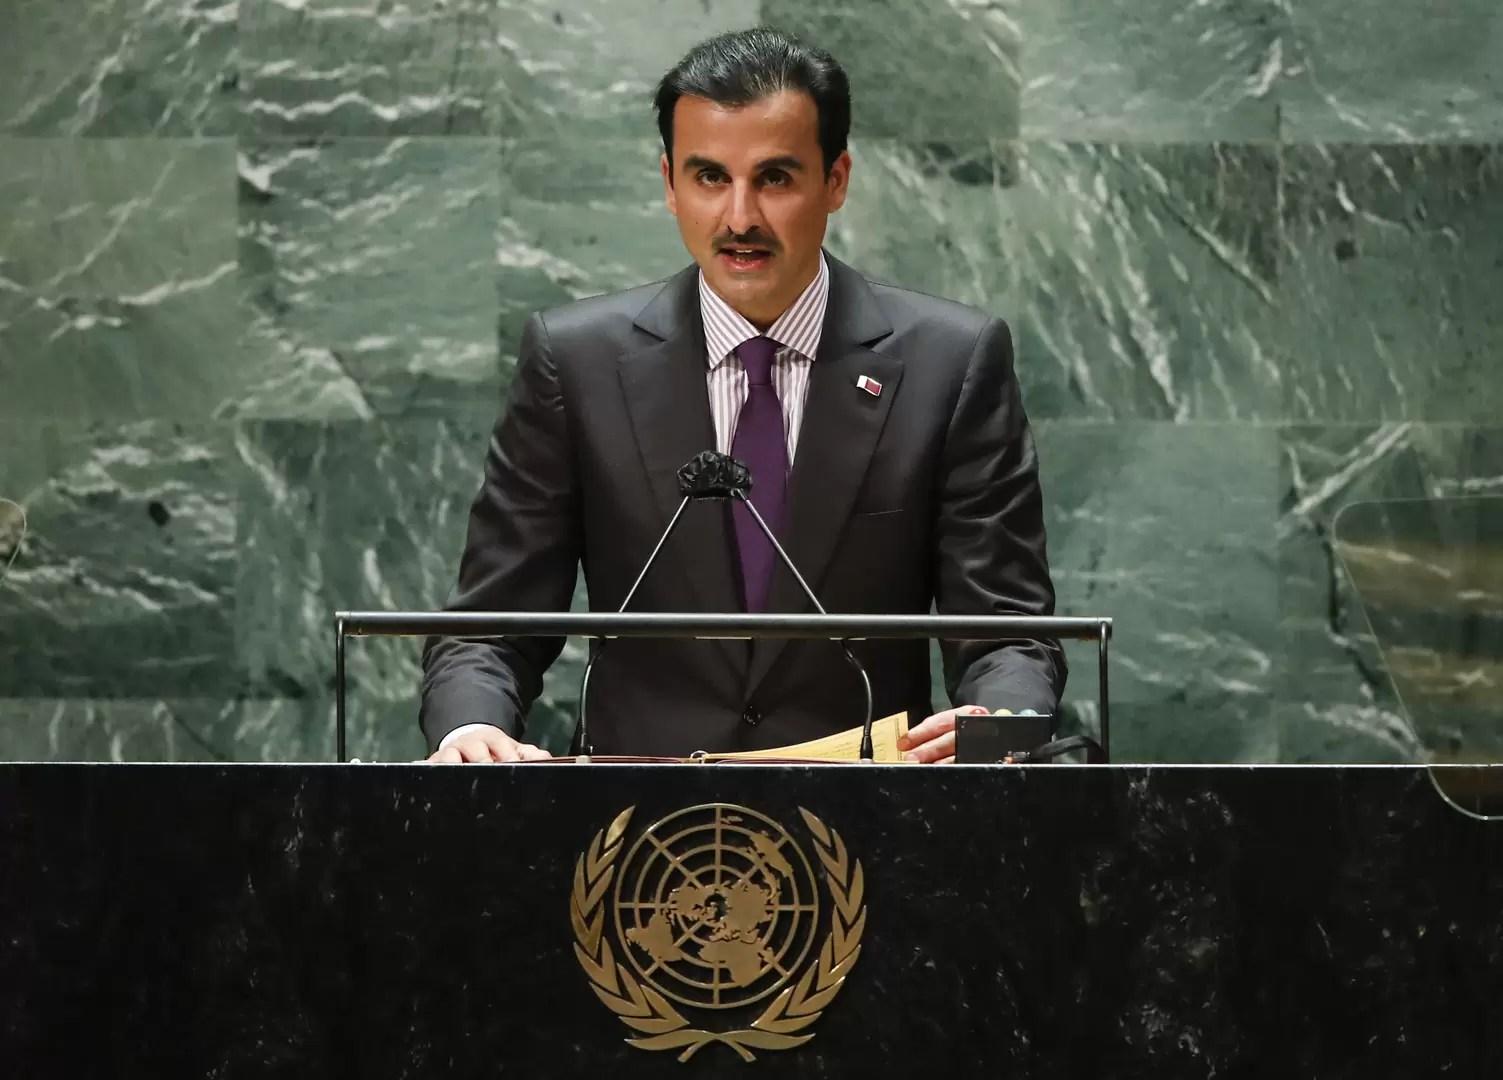 Participación de SA El Emir de Qatar en la sesión de apertura del Debate General del 76 ° período de sesiones de la Asamblea General de las Naciones Unidas